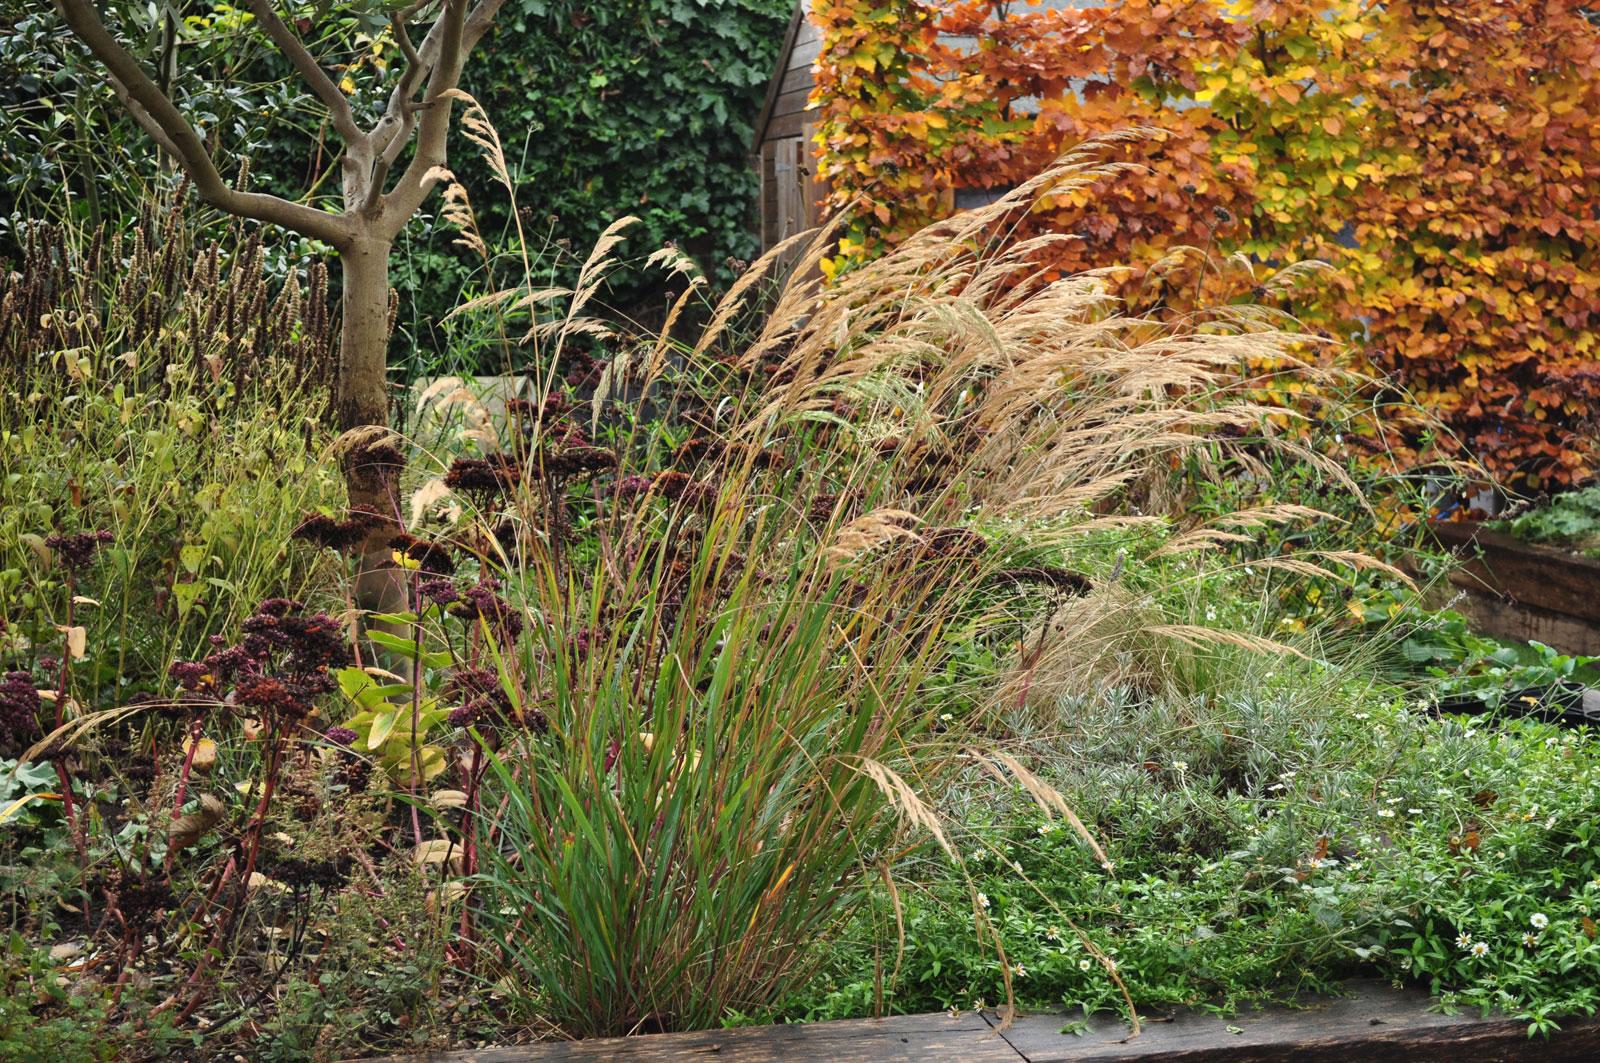 sedum-telephium-and-stipa-calamagrostis-in-autumn